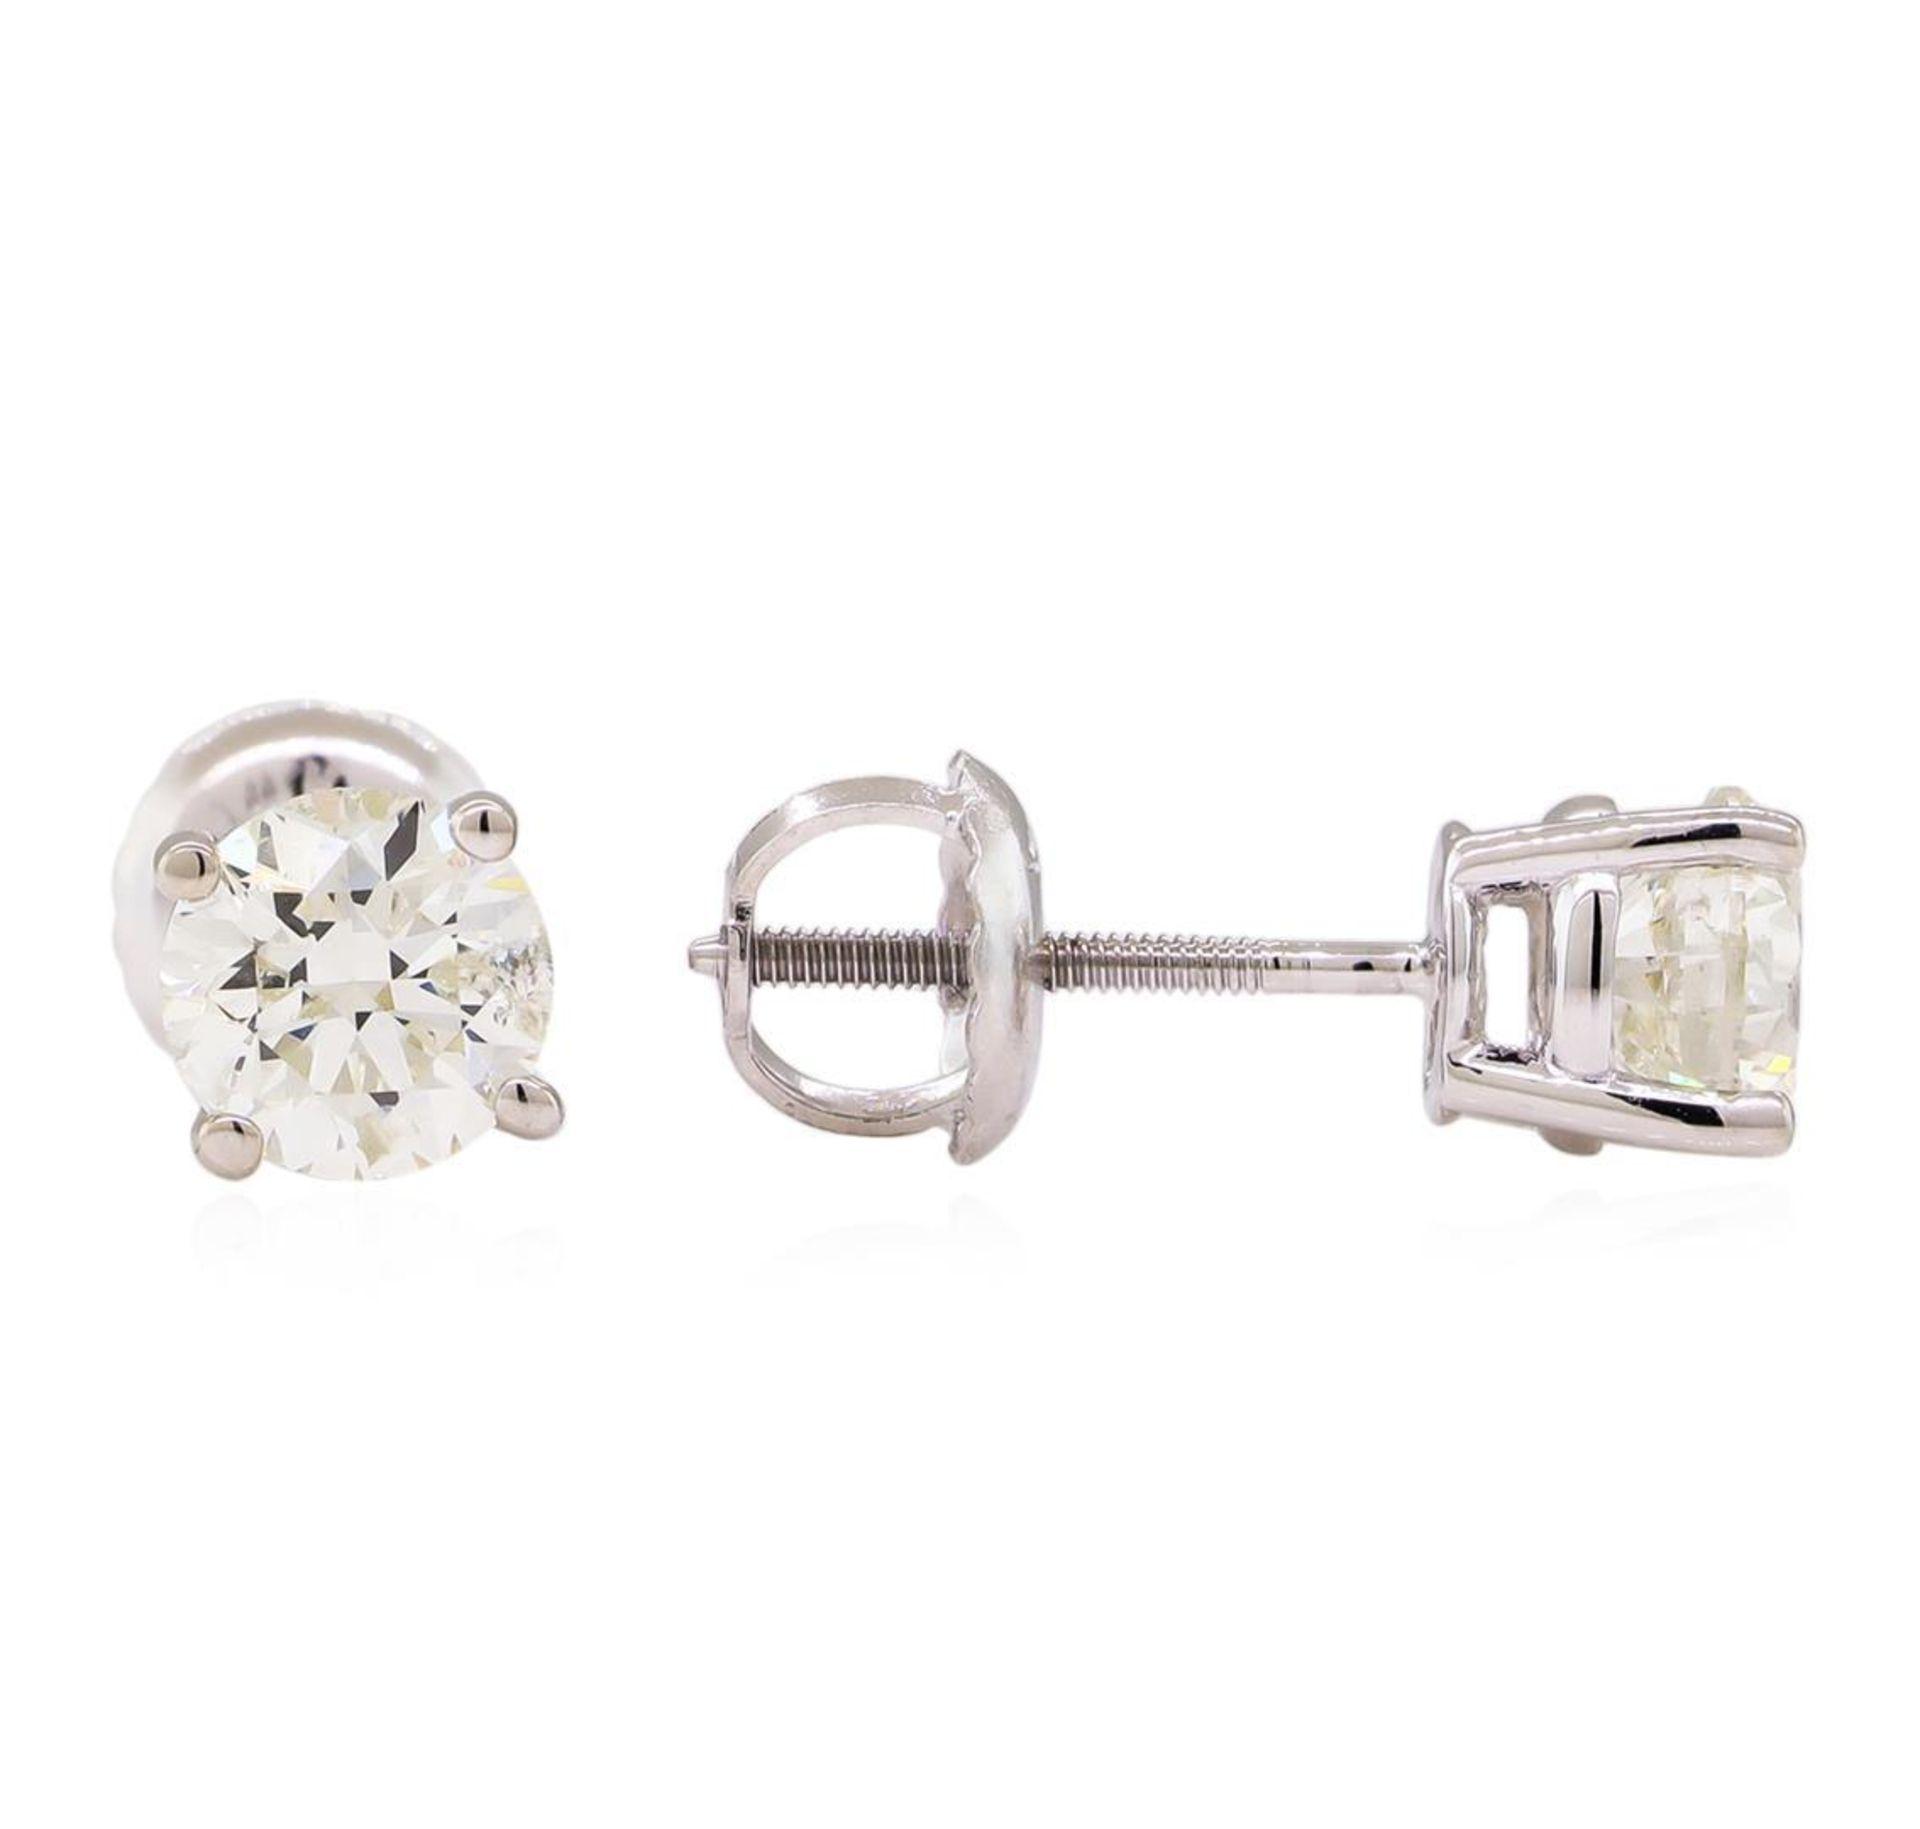 0.97 ctw Diamond Stud Earrings - 14KT White Gold - Image 2 of 3